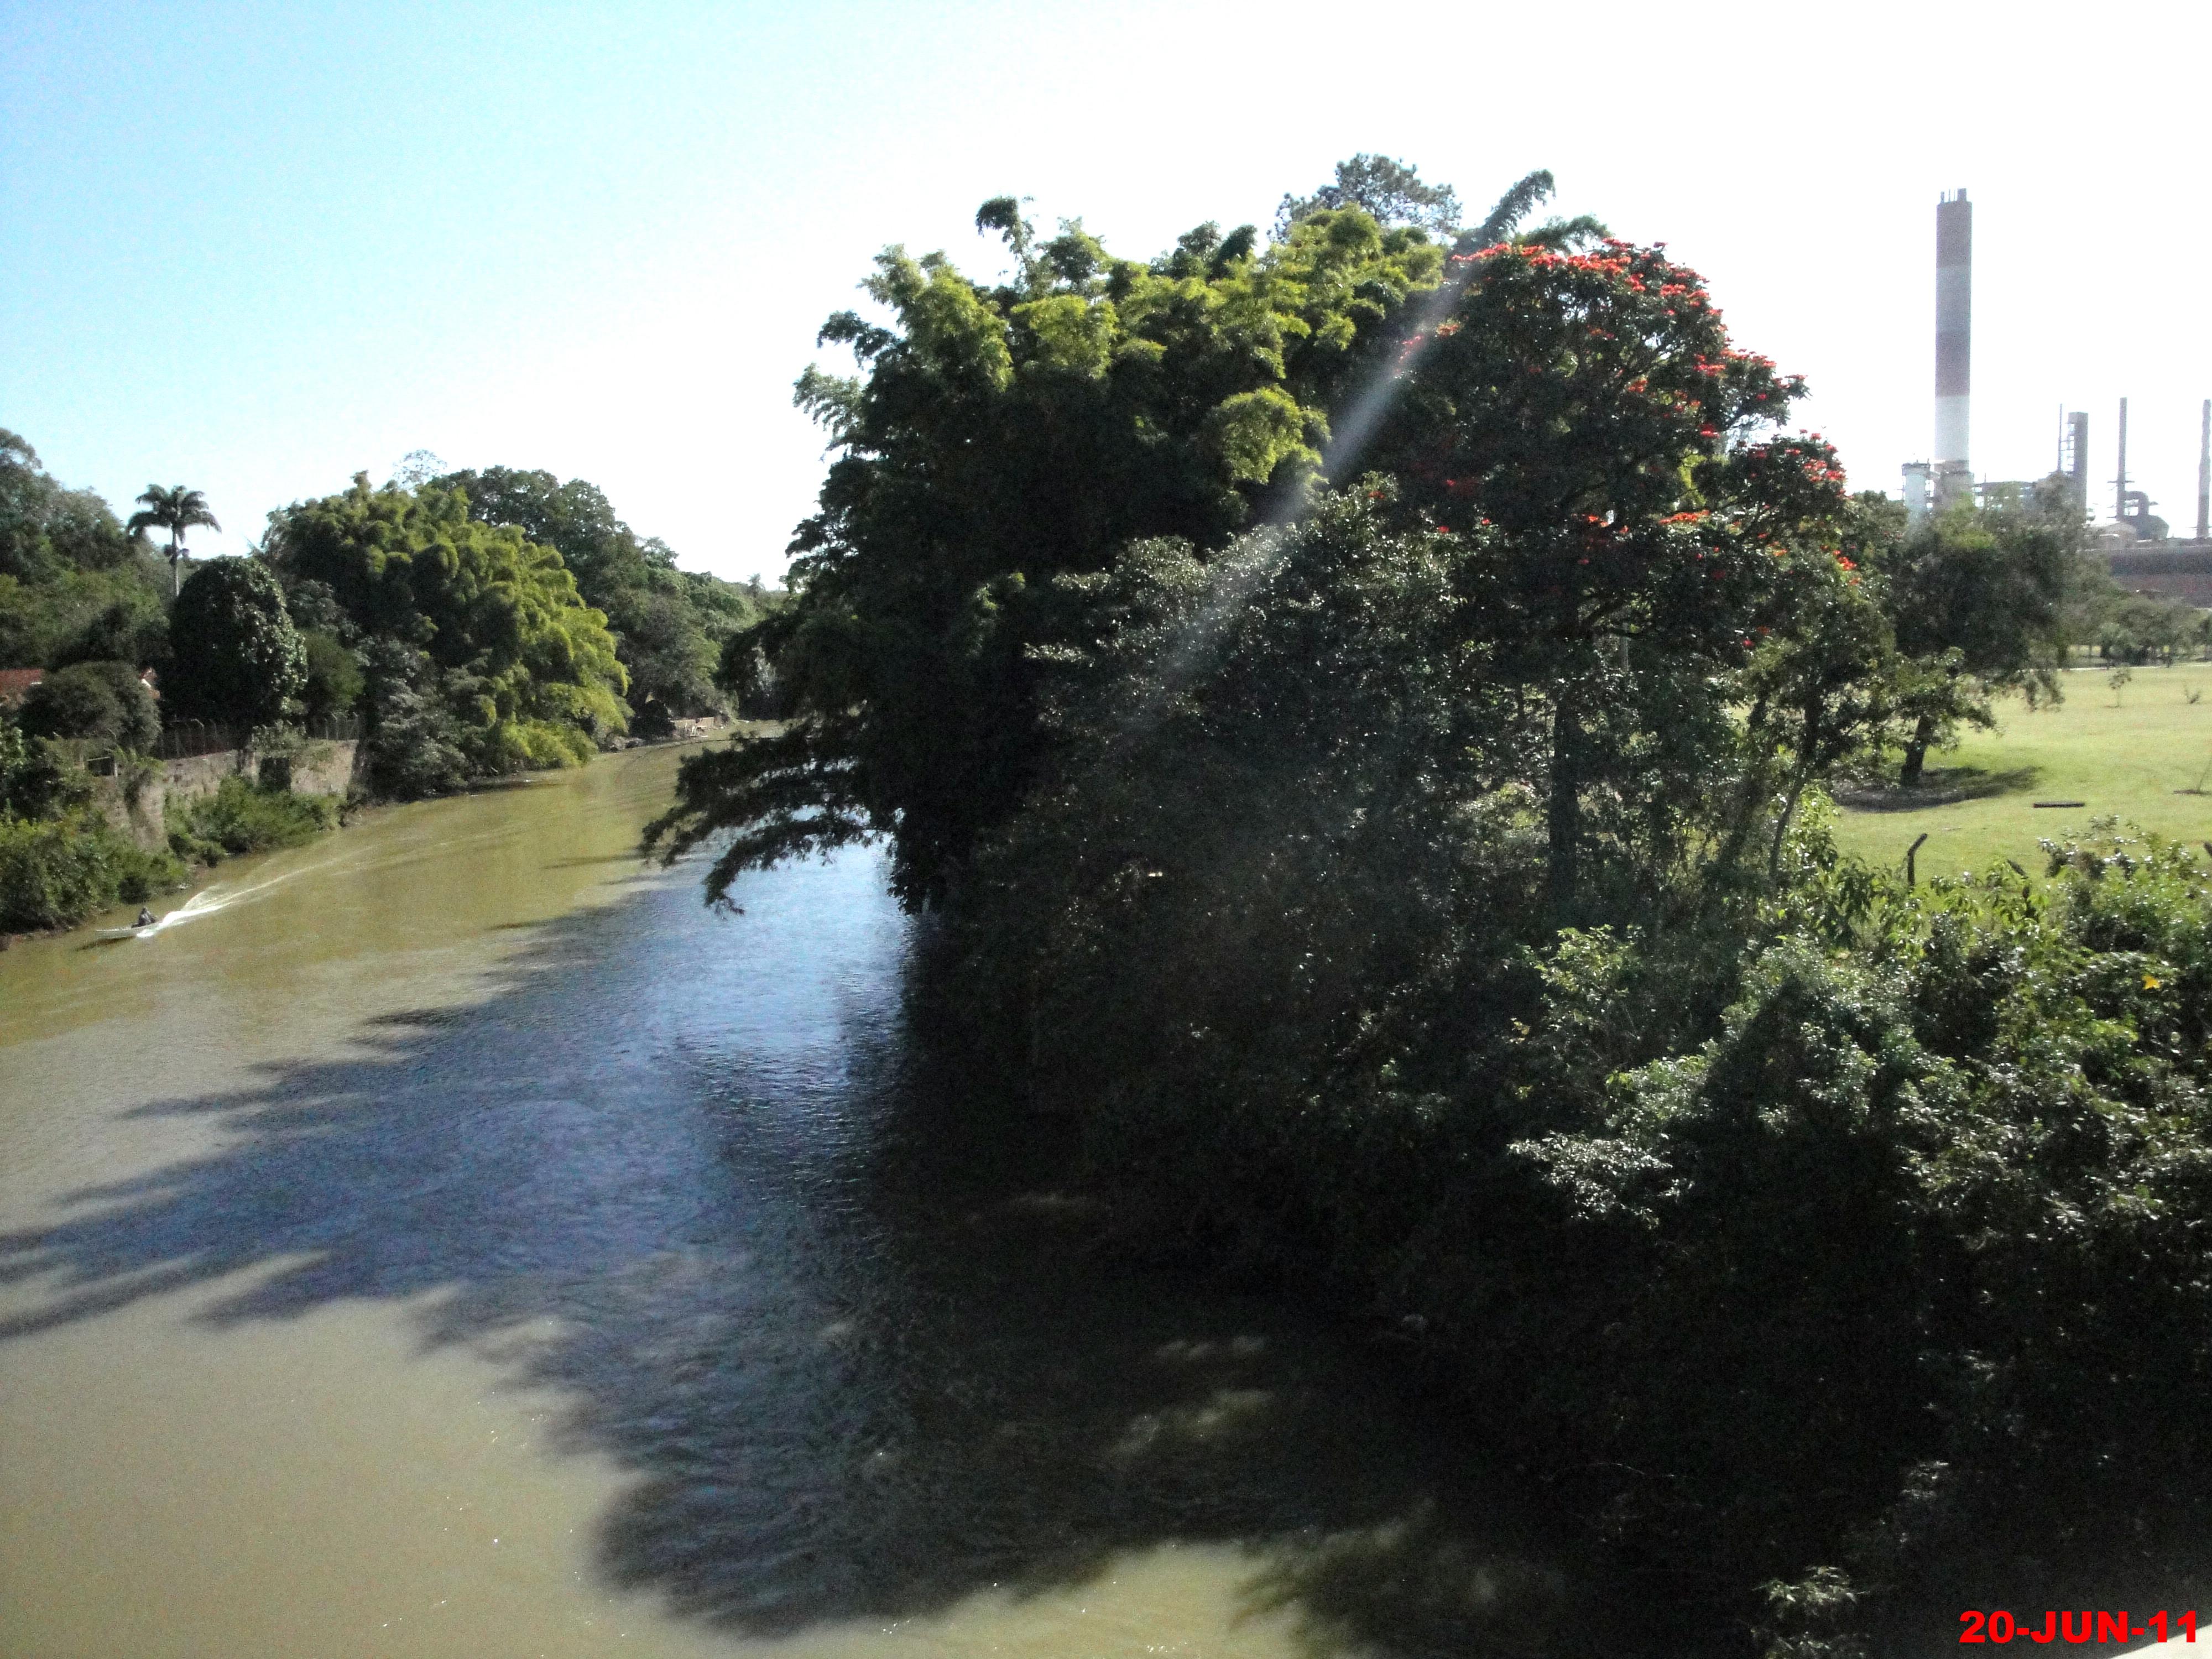 File:Rio Mogi Guaçu, no lado direito a fábrica da IP-International